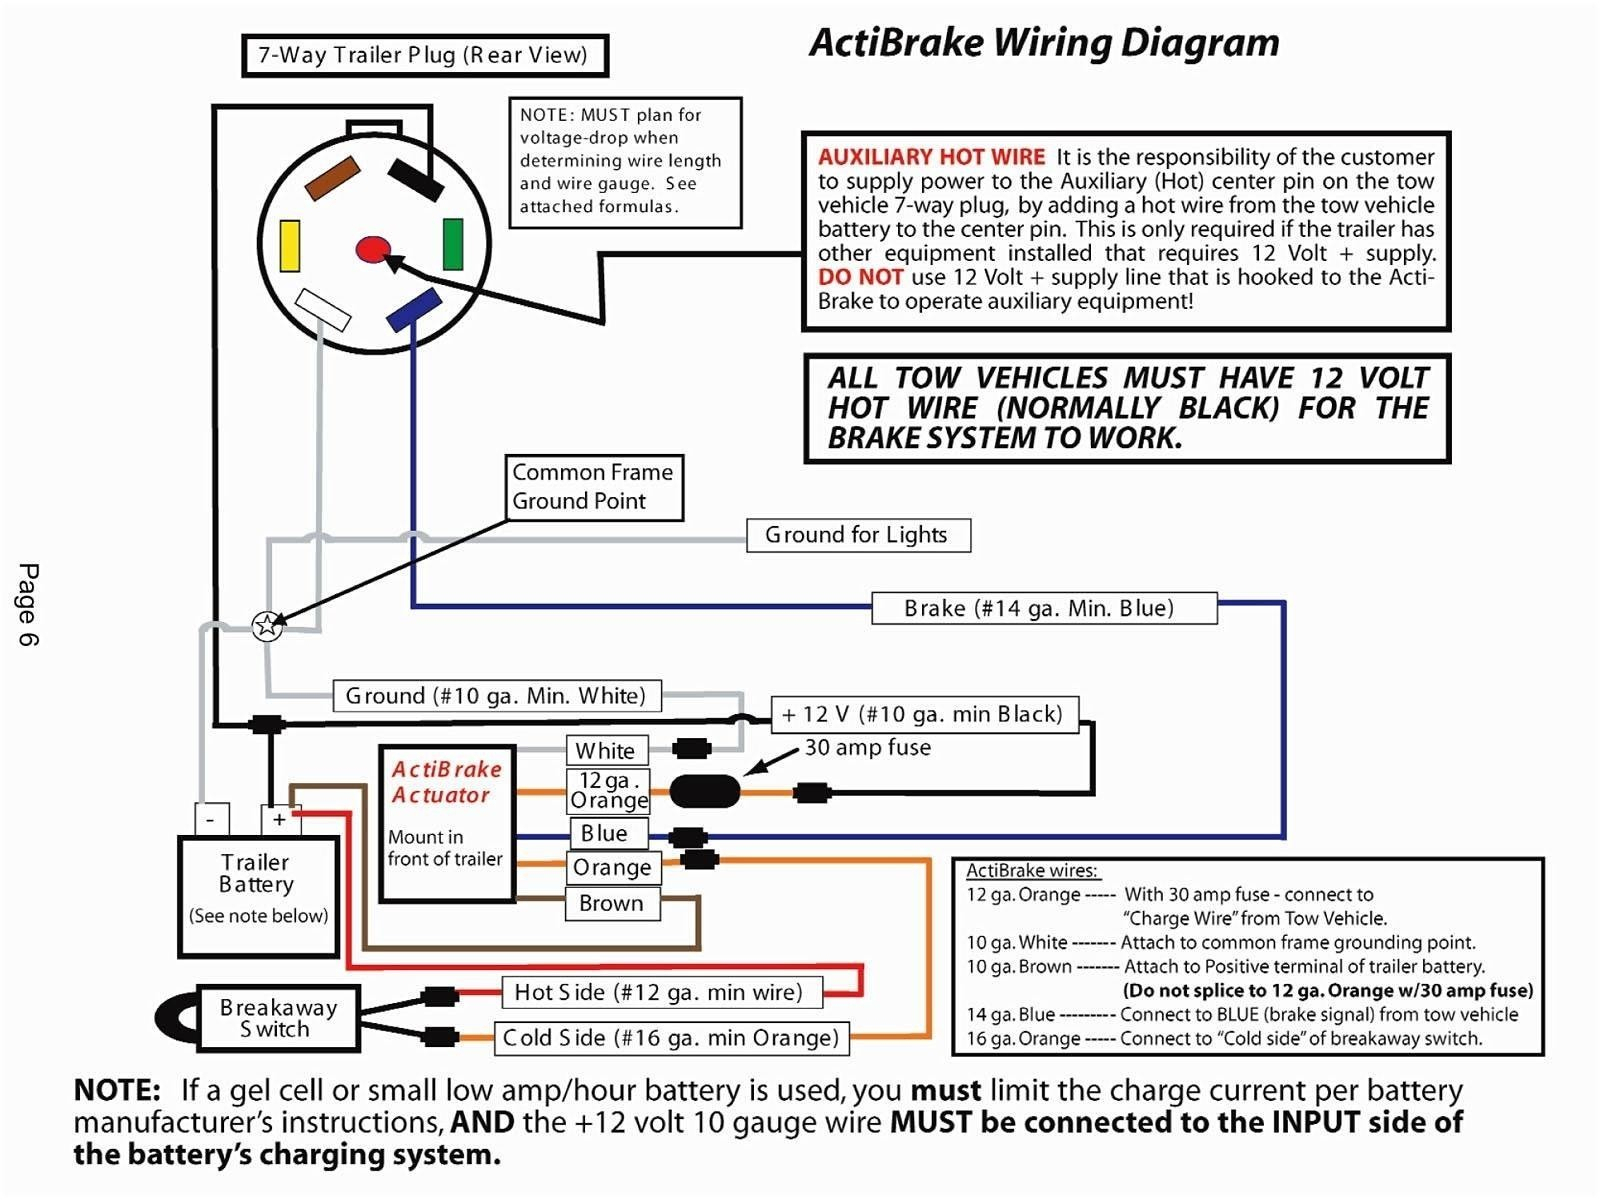 Reese Trailer Wiring Diagram - Schema Wiring Diagram - Trailer Brakes Wiring Diagram